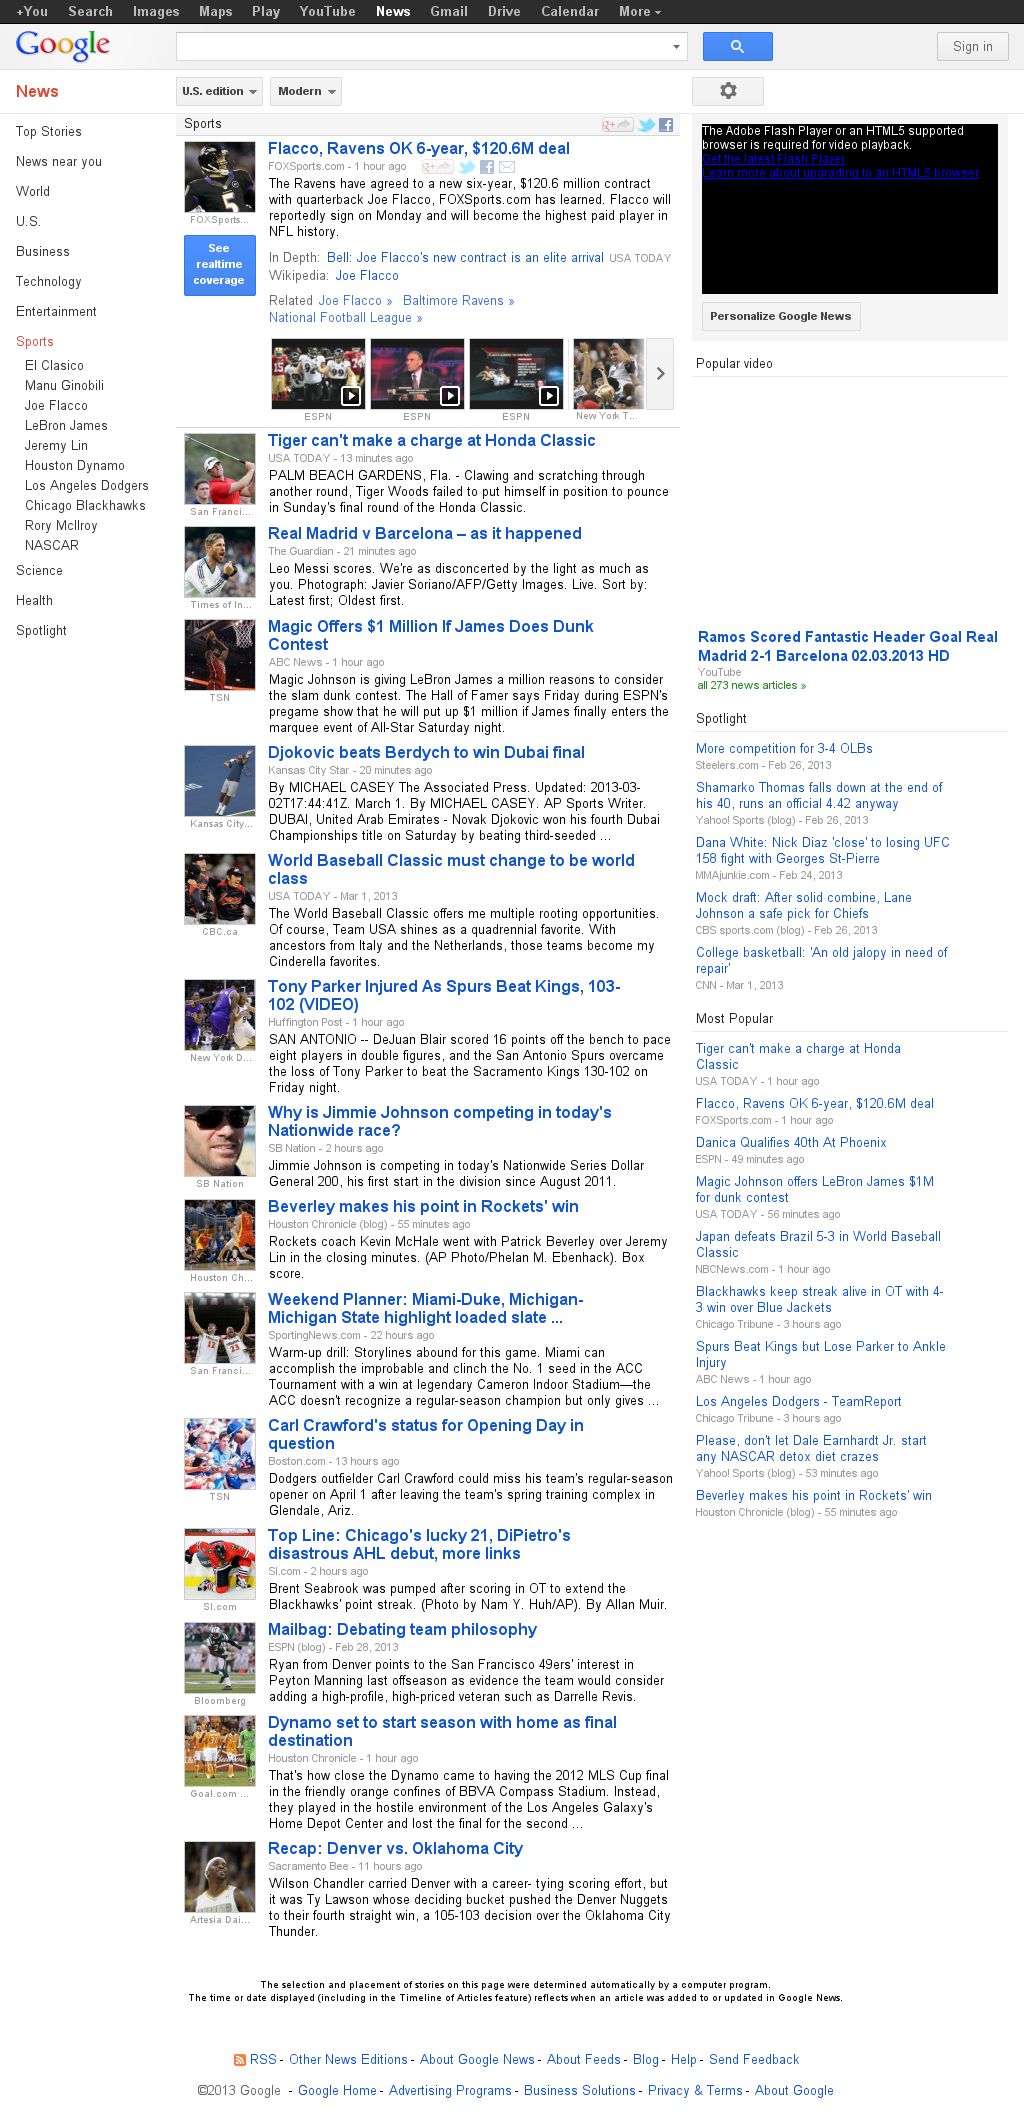 Google News: Sports at Saturday March 2, 2013, 6:07 p.m. UTC